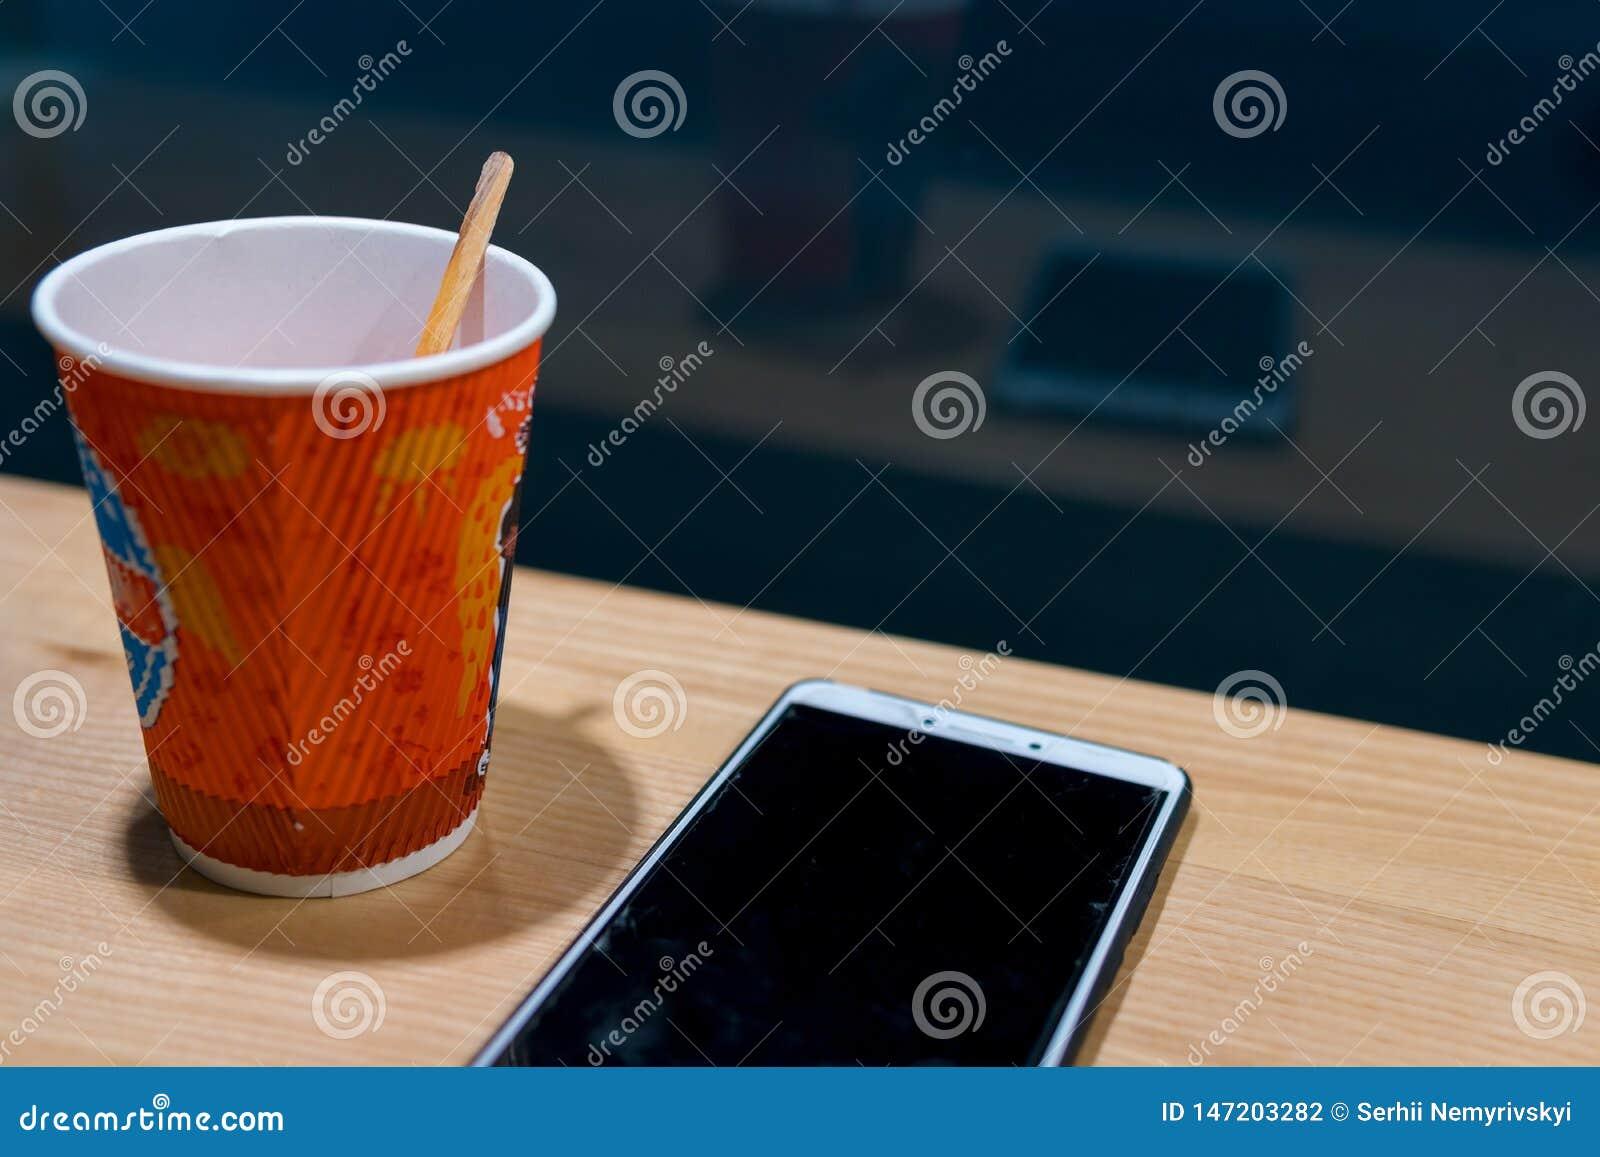 Tavola di legno in caffè, notte, tema scuro smartphone e tè, caffè concetto di chiacchierata, funzionamento, blogging, imparante